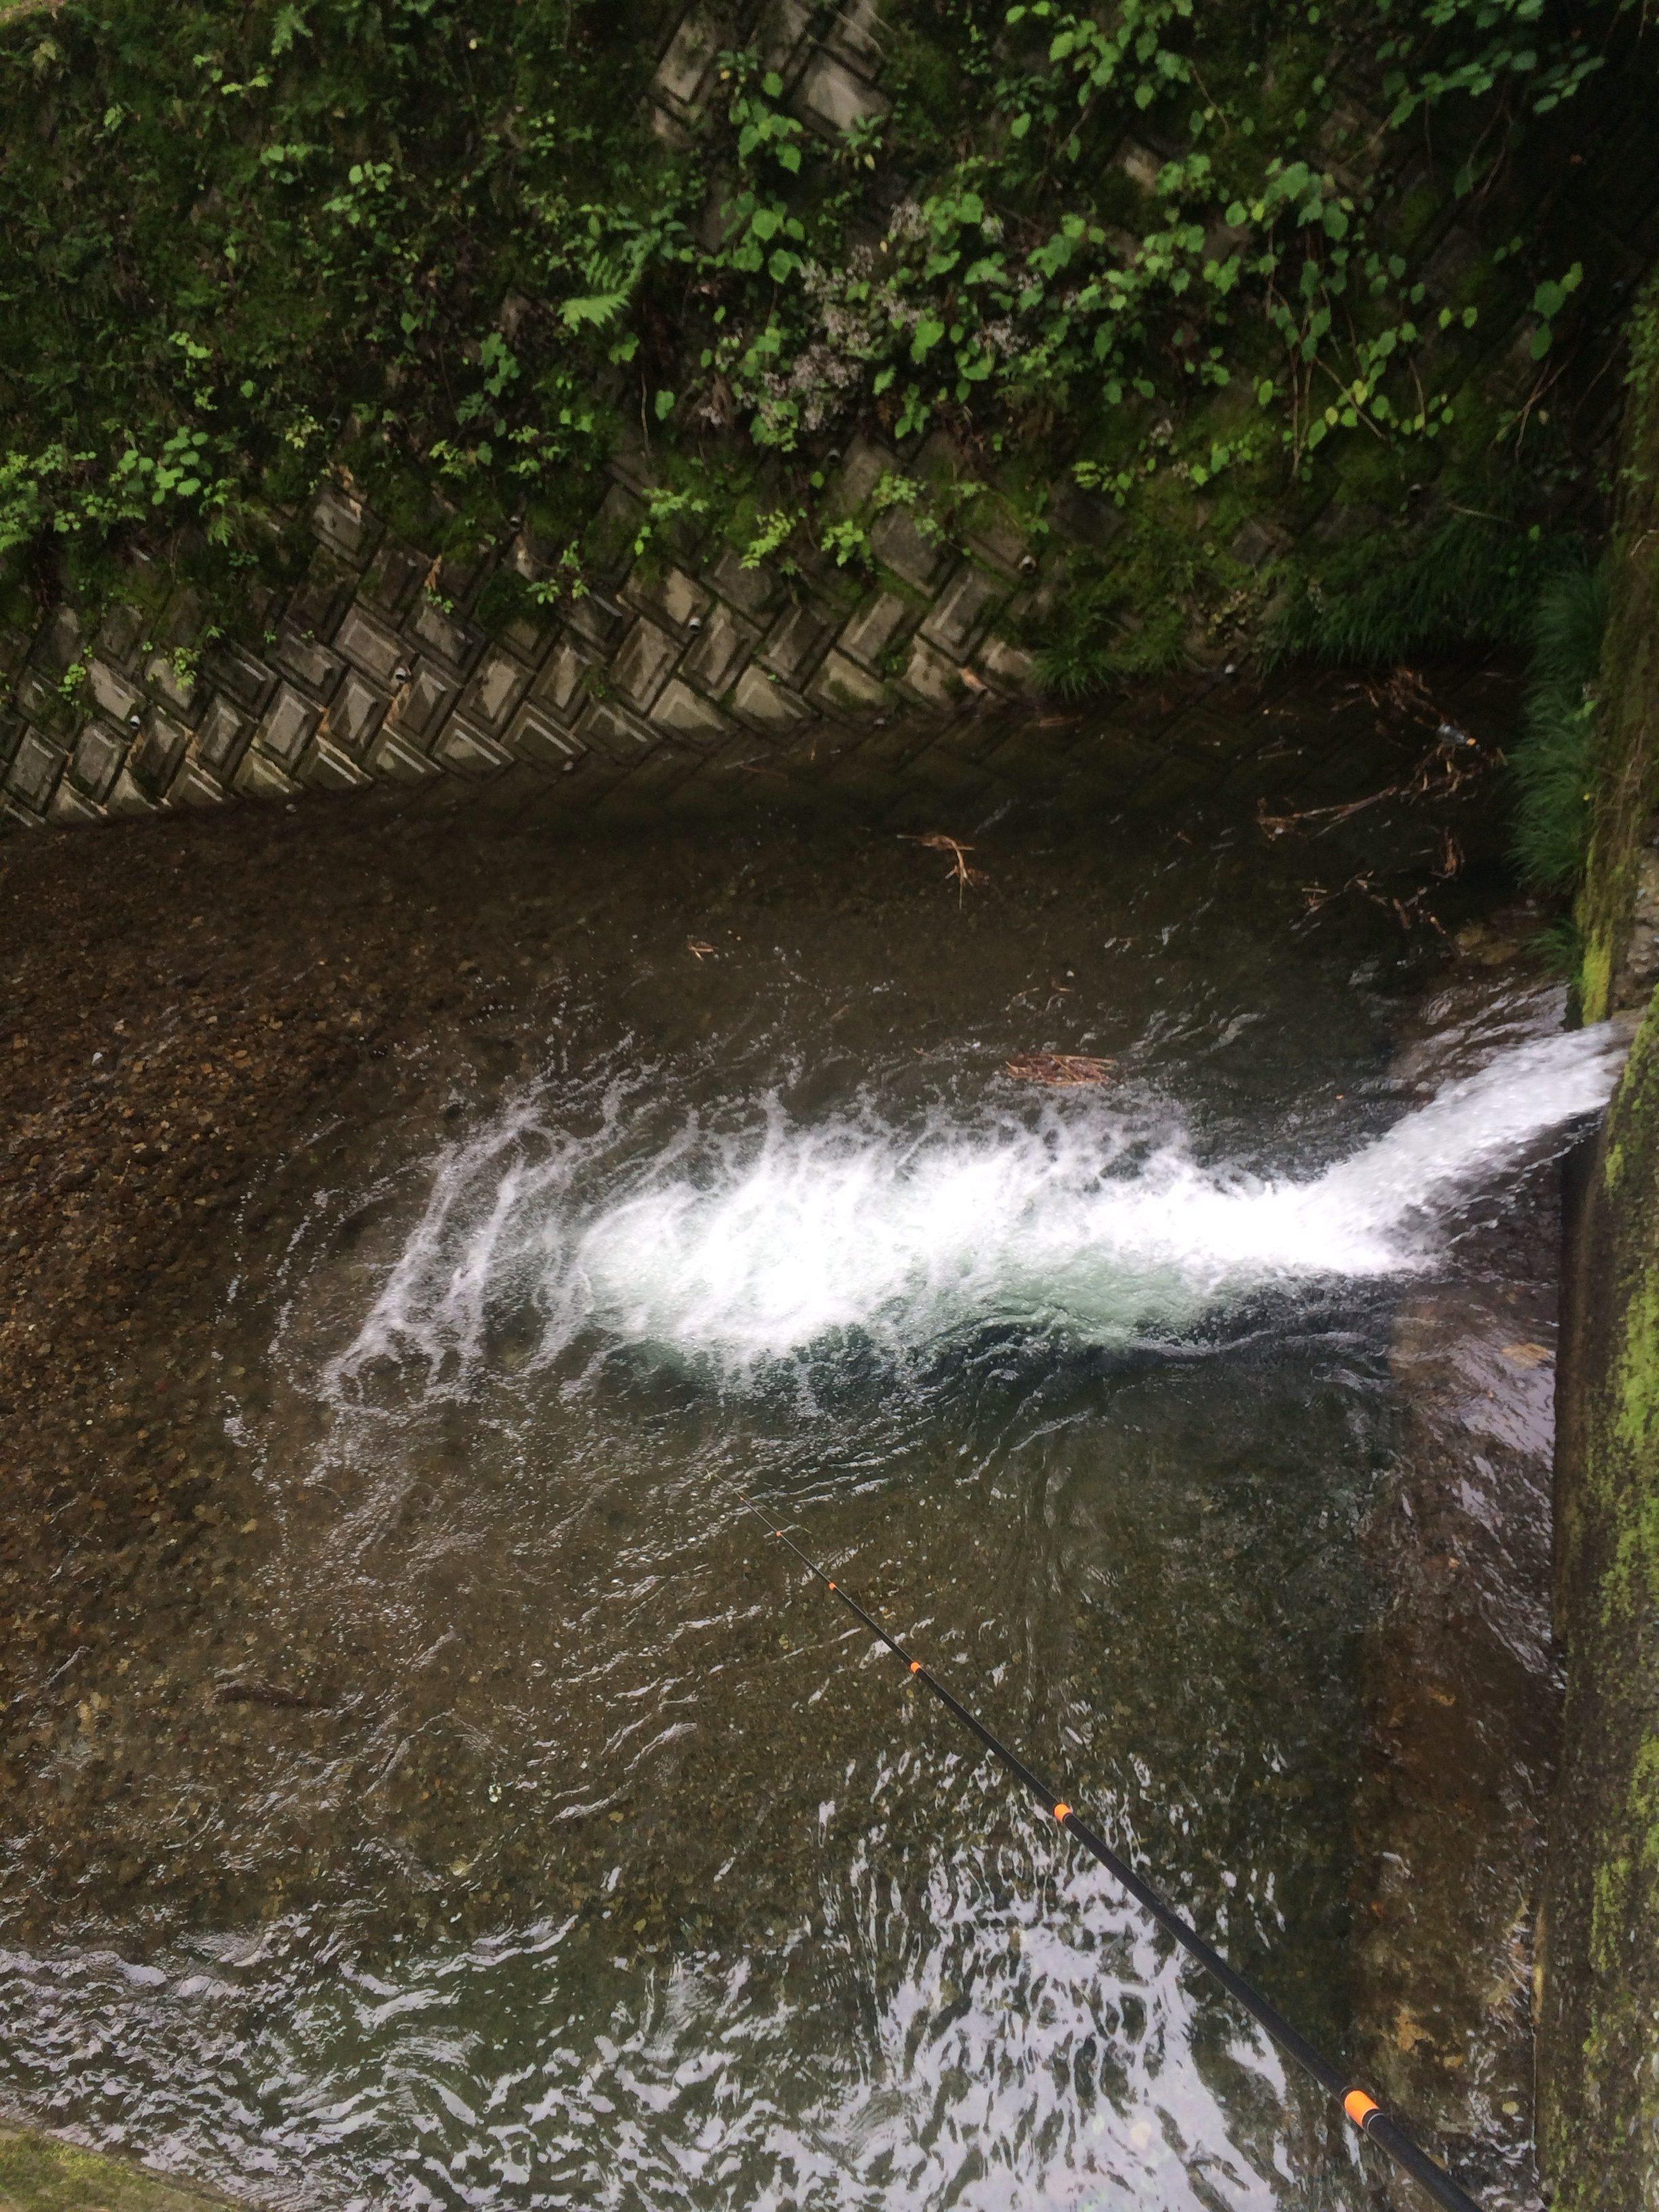 8月6日 新潟県 姫川、早川 ... - 尾崎渚のブログ